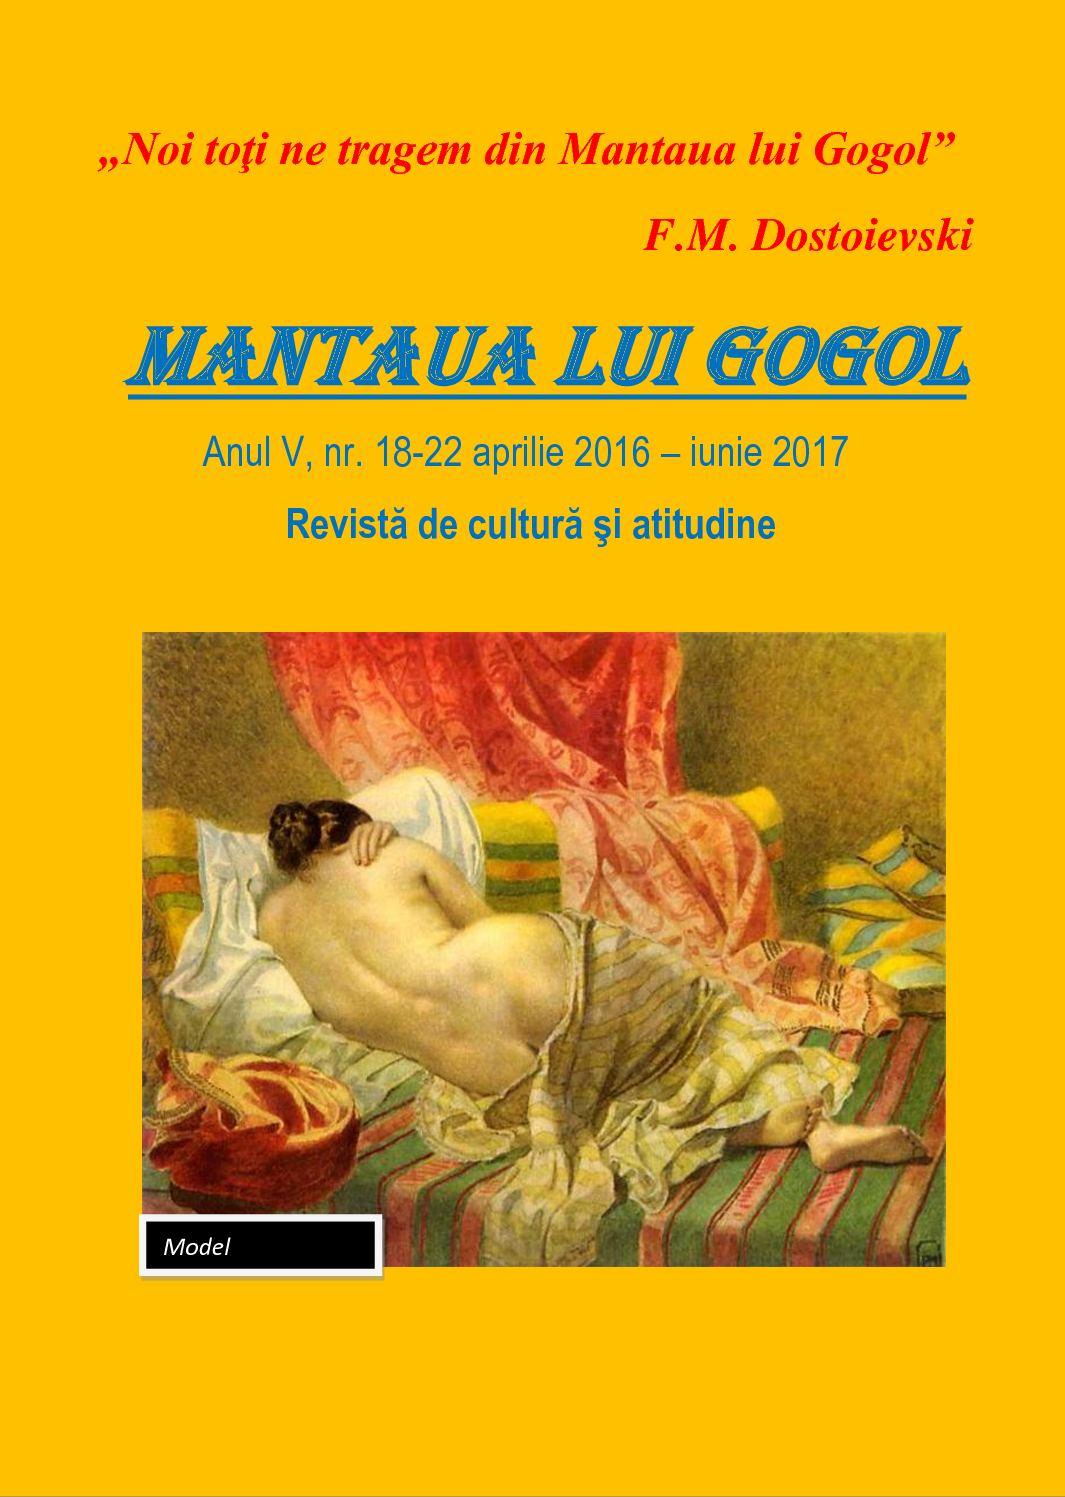 Gogol 18 nouă viziune în)